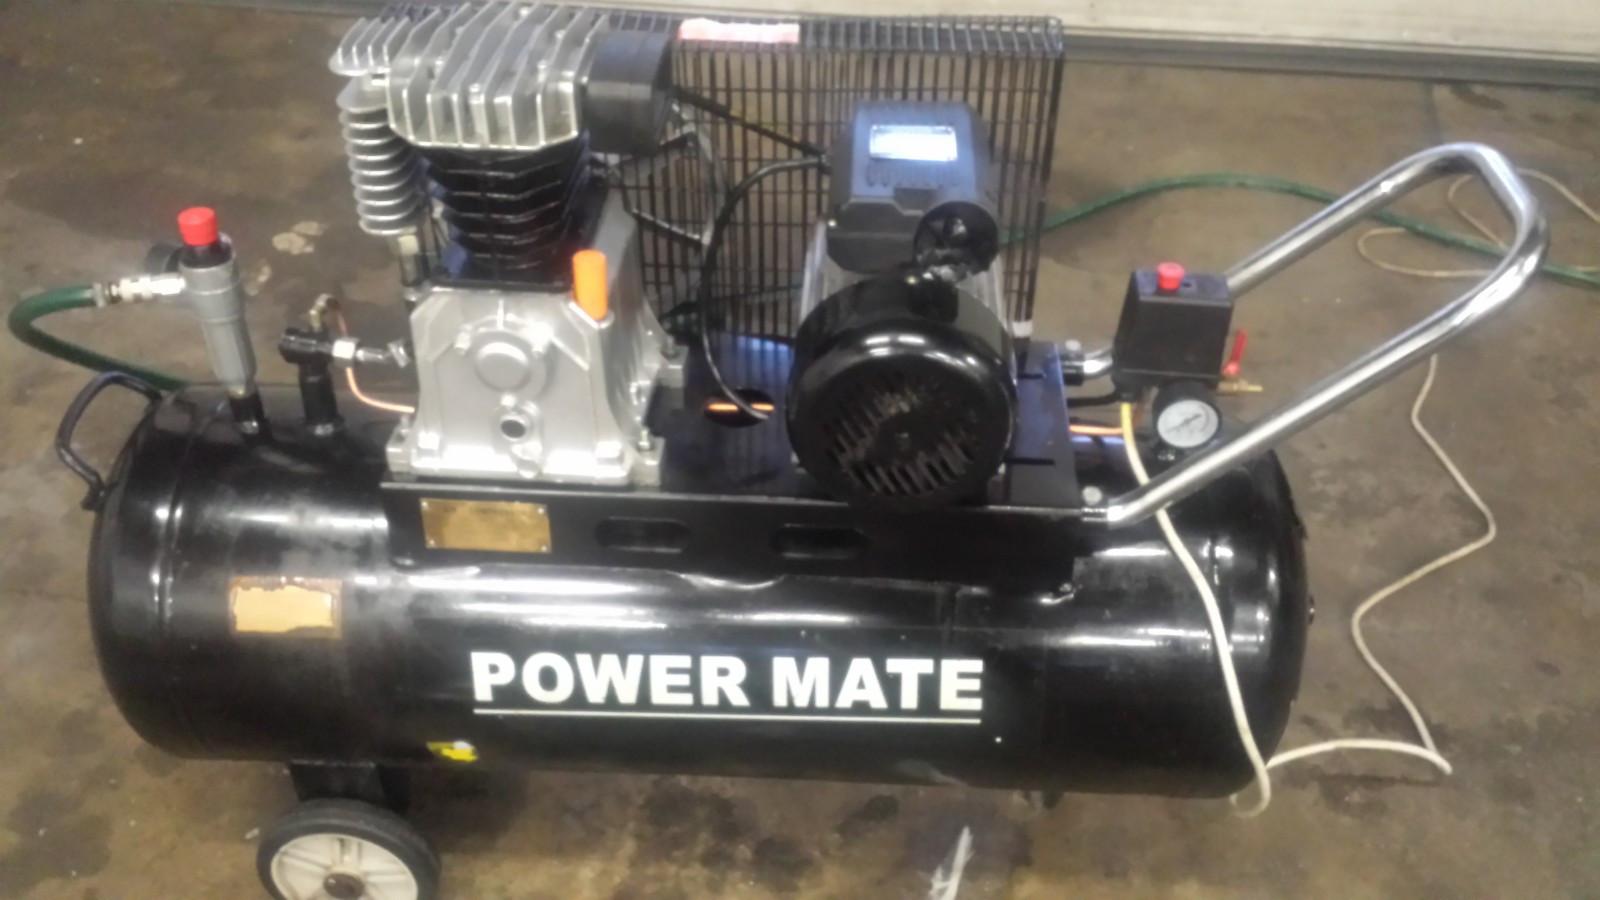 Power Mate 100 L Kompressor - Borgenhaugen  - Kompressorer til alle behov brukt.  Maskin til transport av en gass (f.eks. luft) fra et lavere til et høyere trykknivå.  En kompressor karakteriseres ved den trykkendring som skal oppnås og den gassmengde som skal t - Borgenhaugen